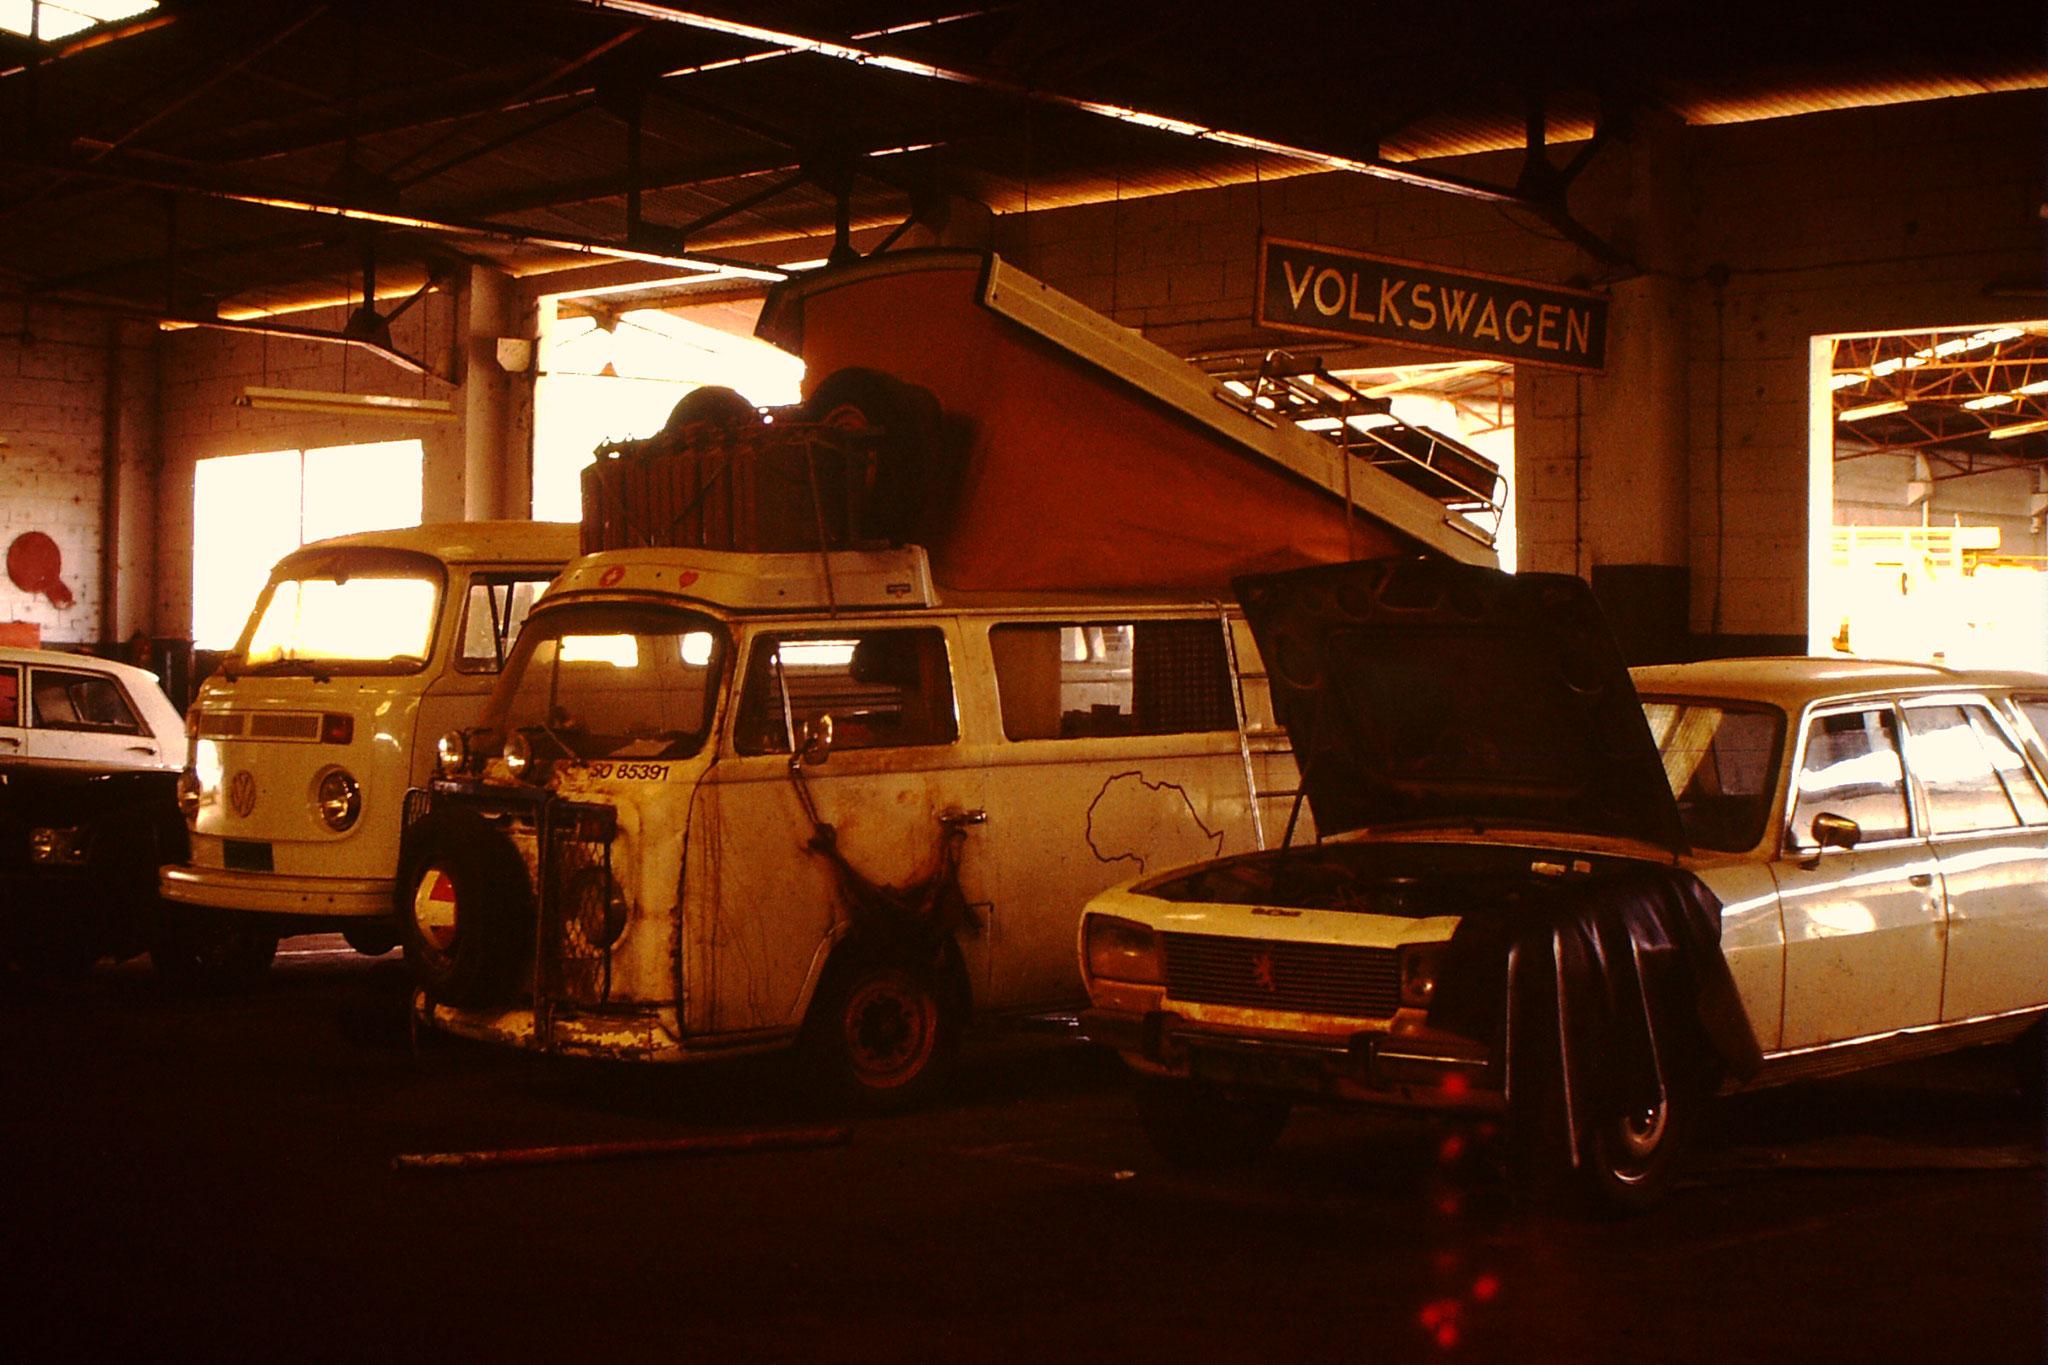 Weil es in Zinder keine Volkswagengarage gab, schleppten wir das Auto ab bis Niamey. Diese Strecke ist etwas mehr als 900 km. Wir waren 2 Tage unterwegs. Den Motor bestellten wir in Deutschland. Nach 40 Tagen konnte ich die Reise fortsetzen.